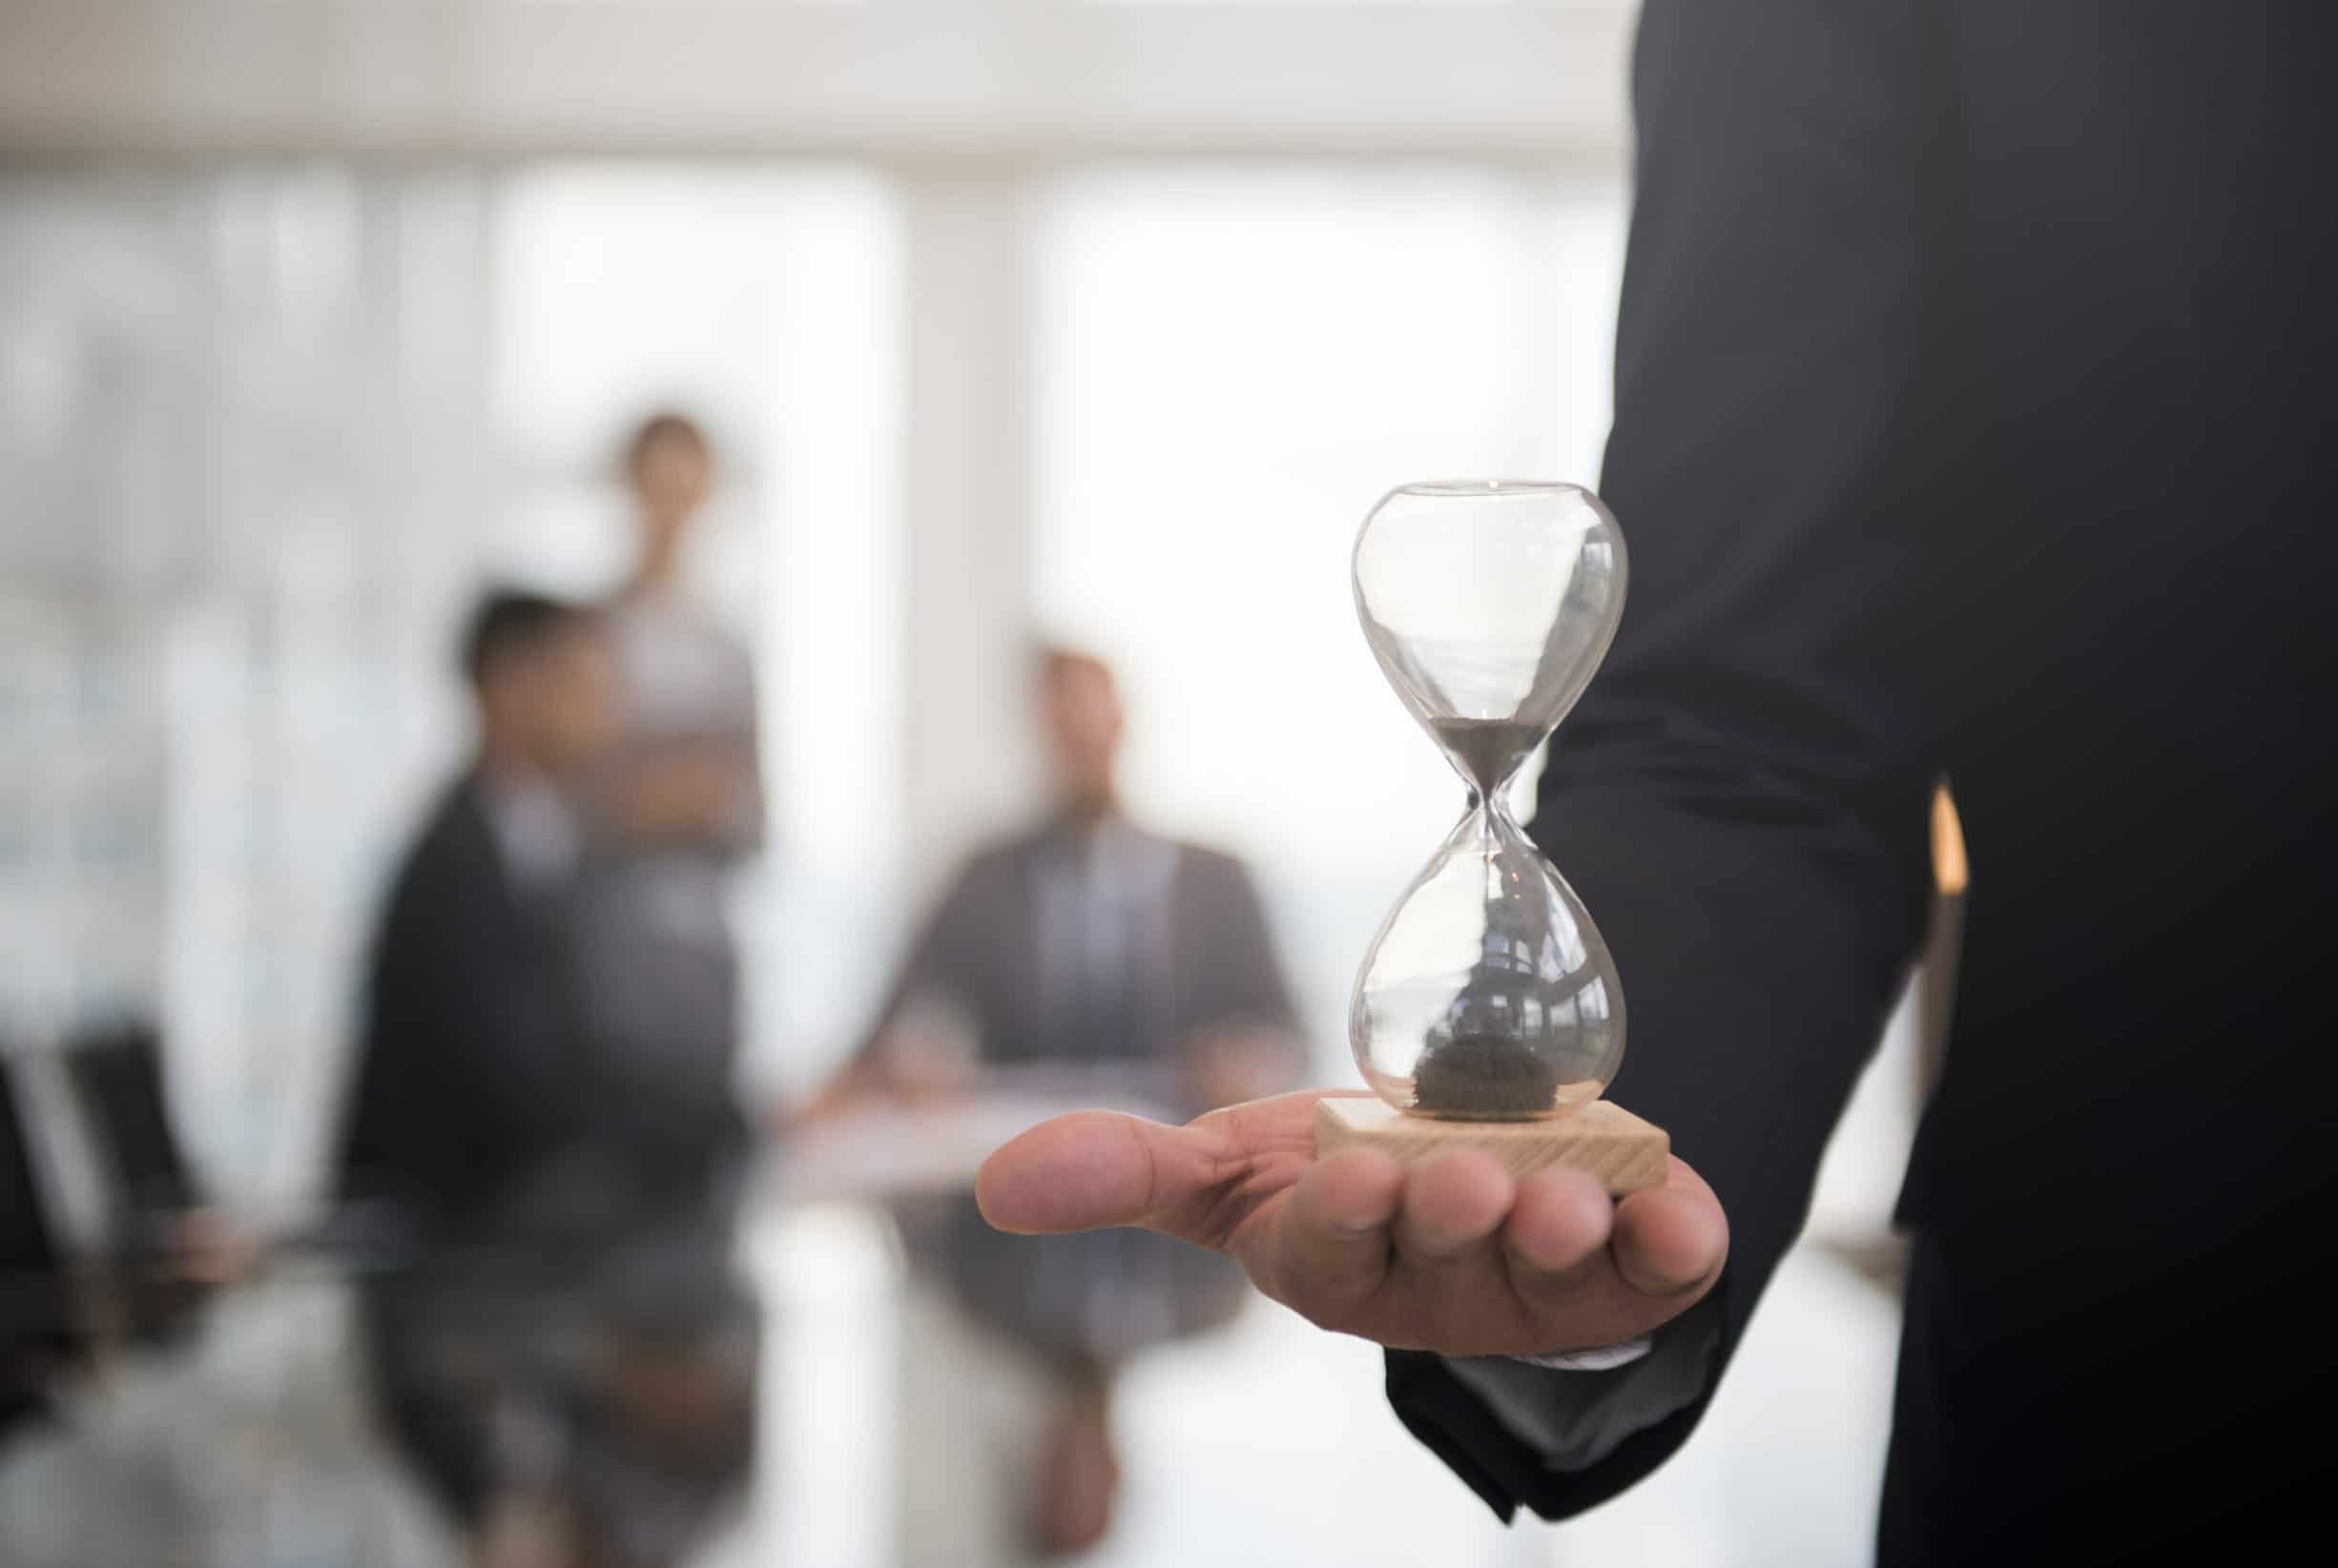 Έχεις αναλογιστεί πόσος είναι ο χρόνος που σου απομένει; nlp manolis ischakis holistic result coaching